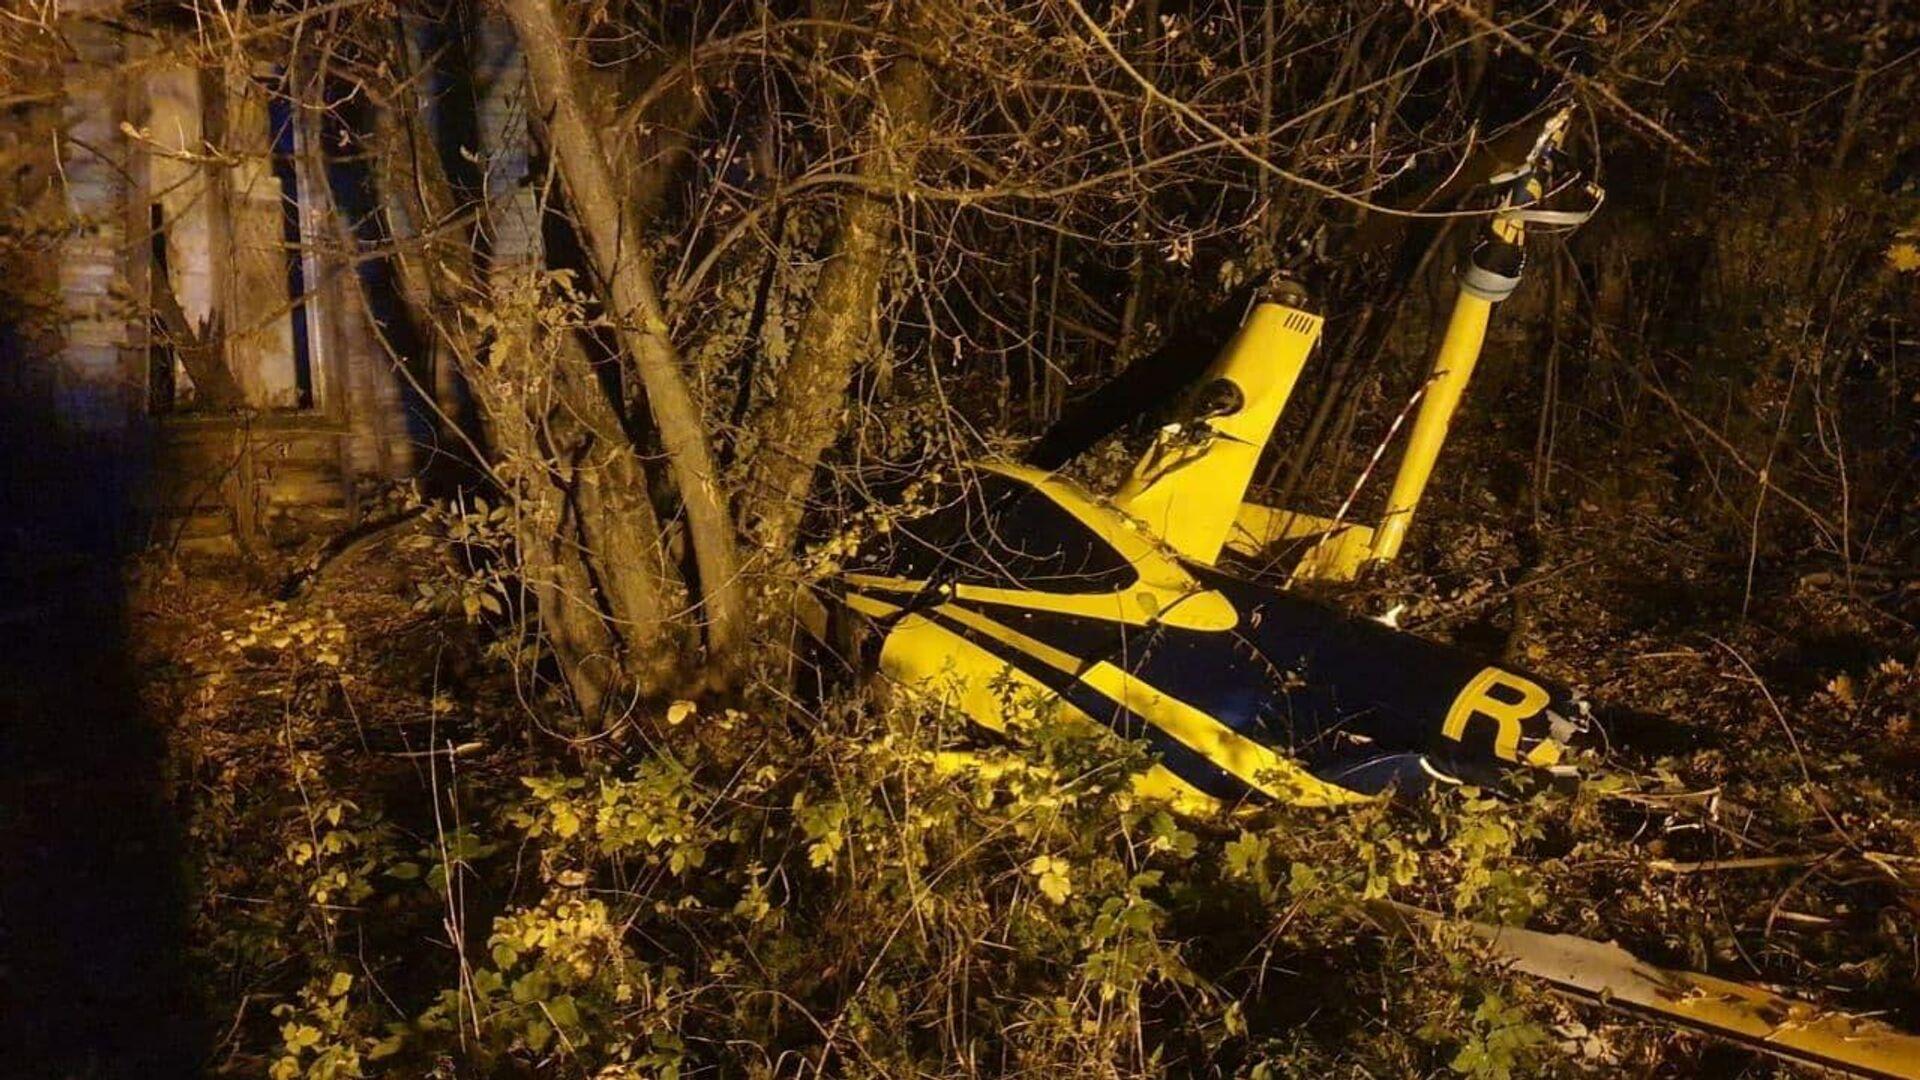 Bертолет упал в городском округе Лыткарино в Подмосковье - РИА Новости, 1920, 04.10.2021